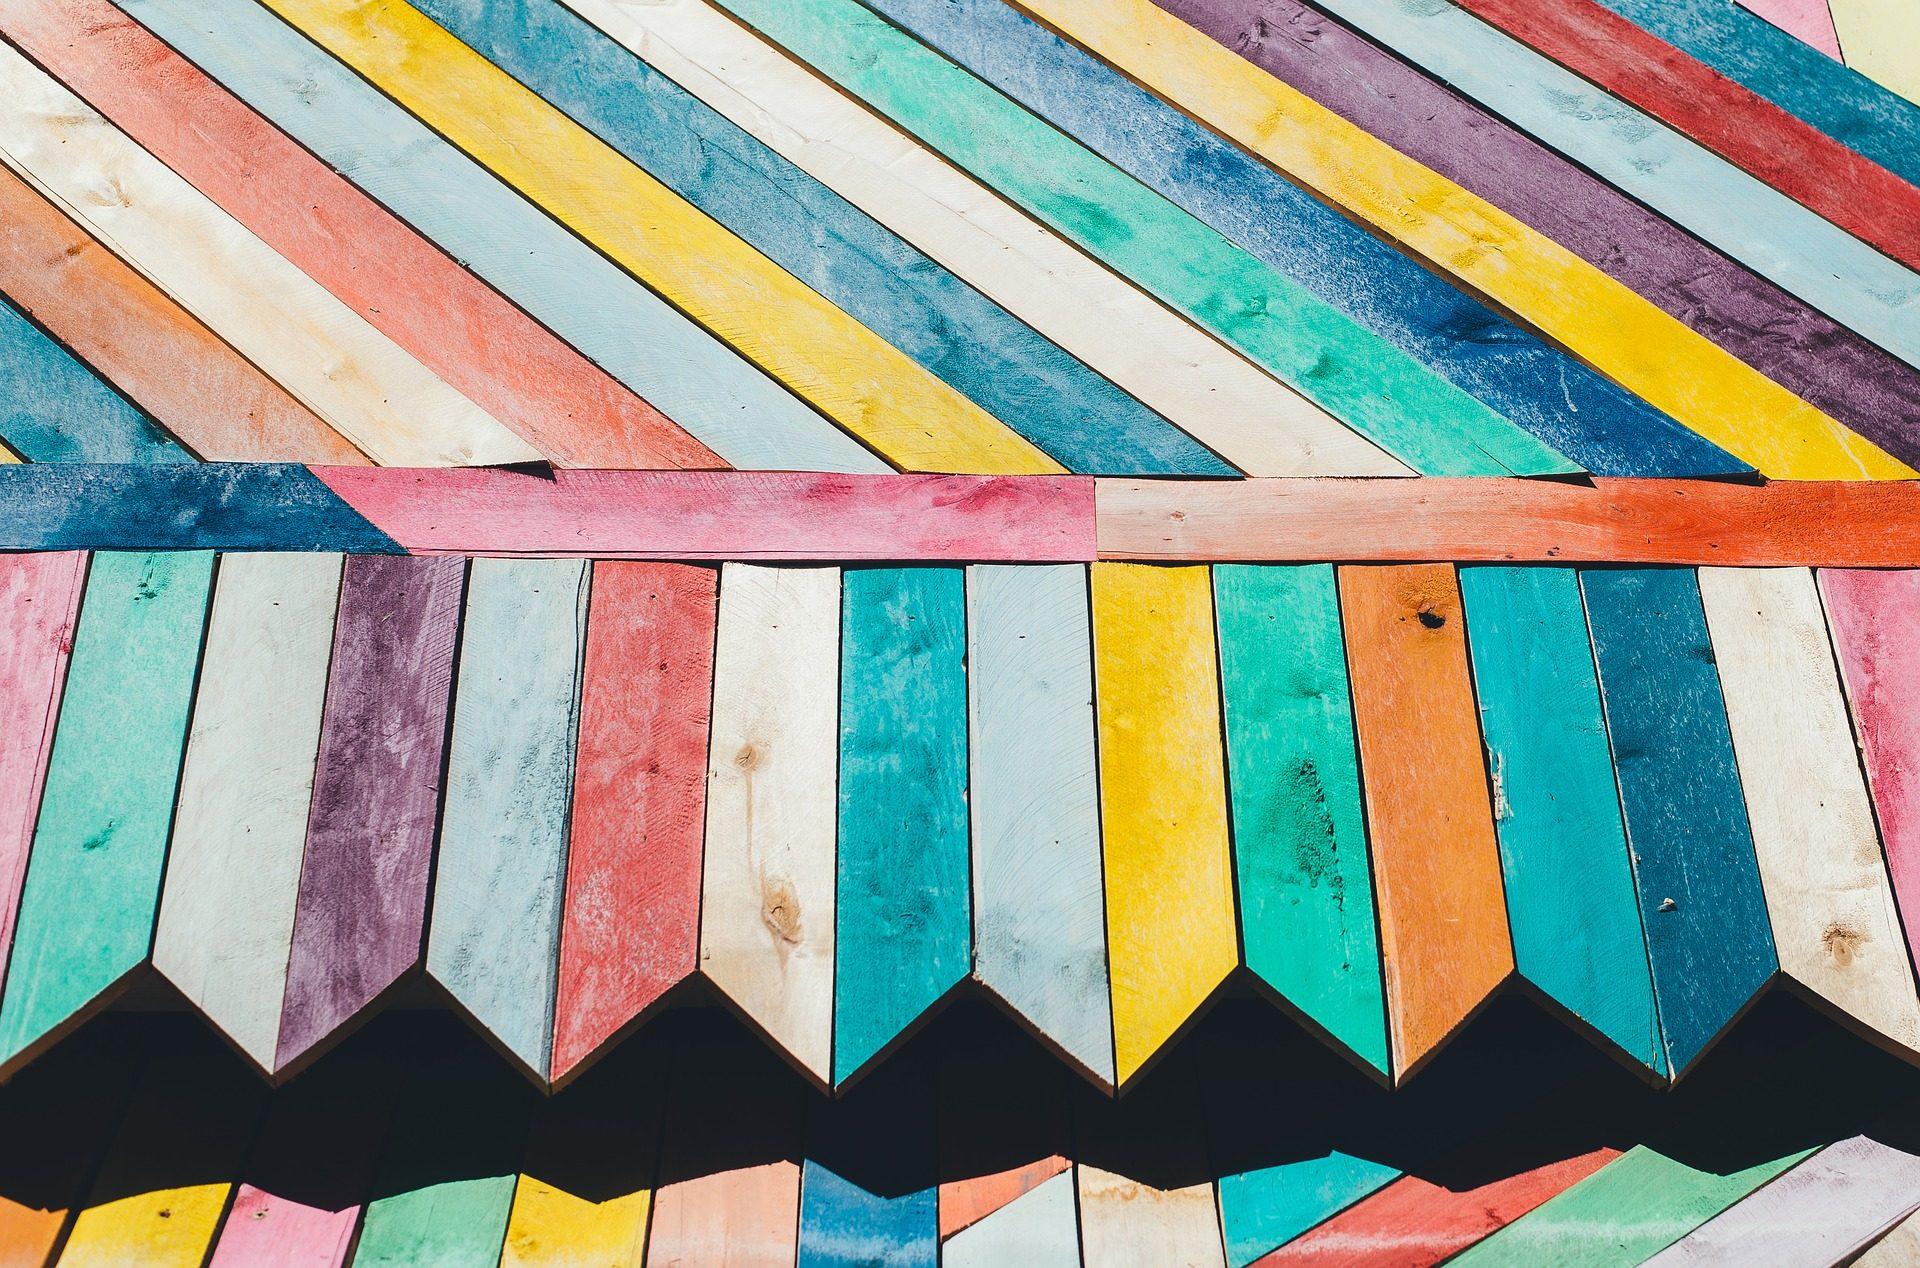 tablas, madera, colorido, vetas, alineación - Fondos de Pantalla HD - professor-falken.com